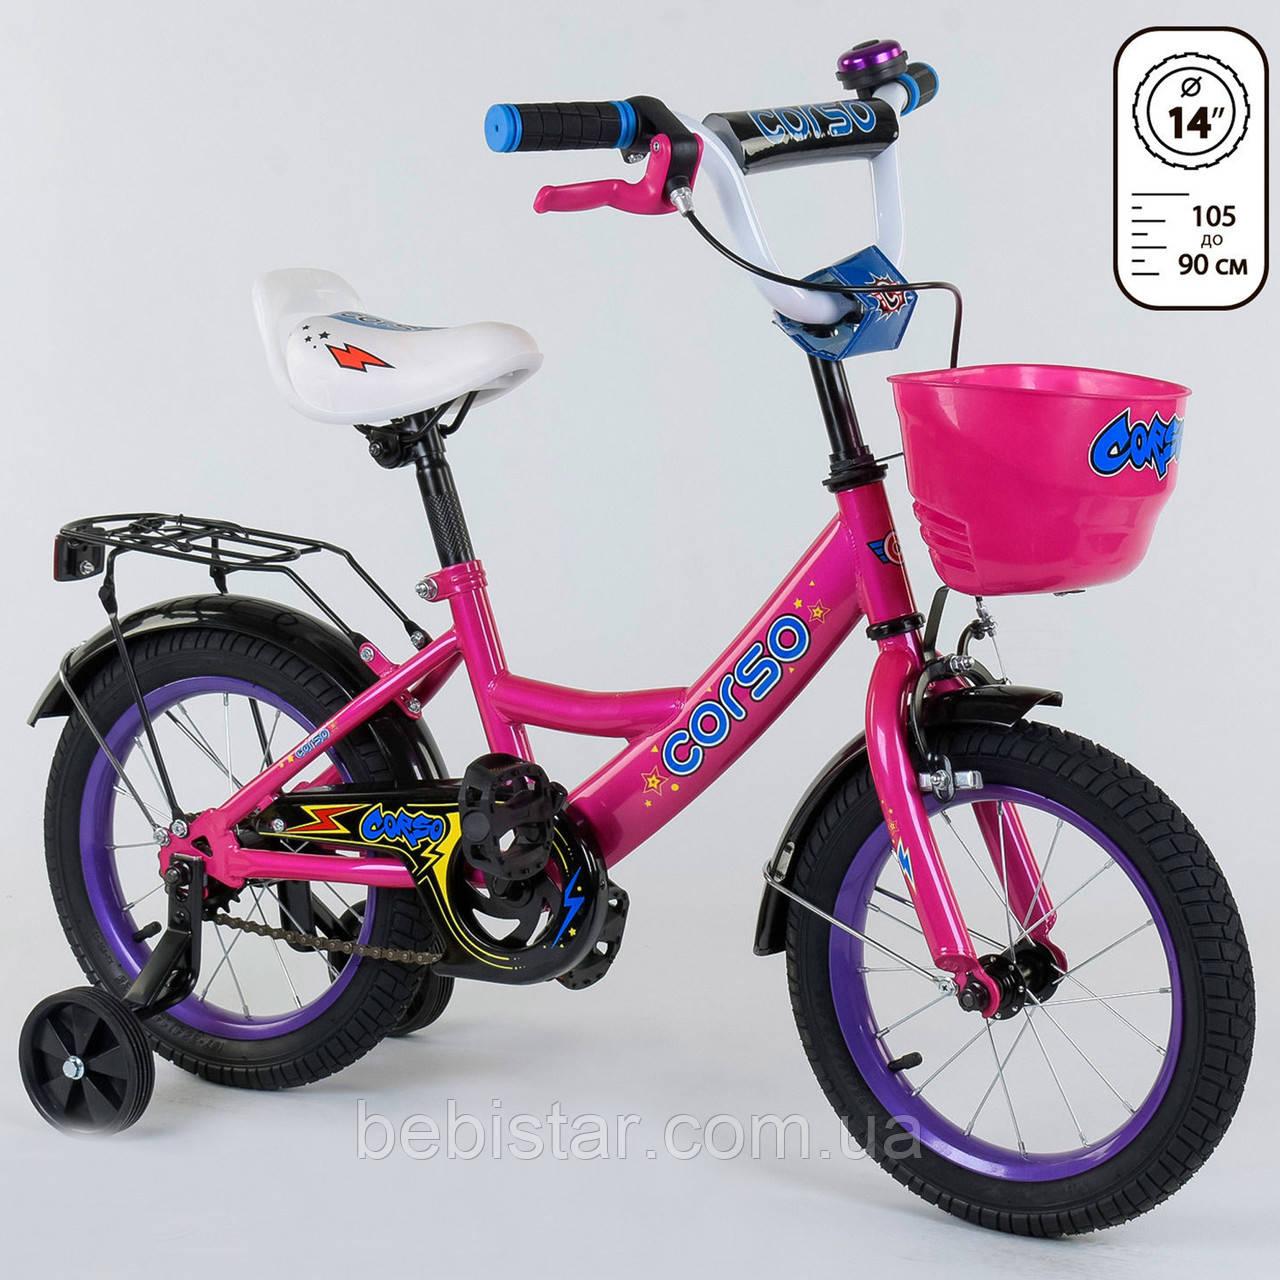 """Двухколесный детский велосипед малиновый ручной тормоз звоночек корзинка Corso 14"""" деткам 3-5 лет"""